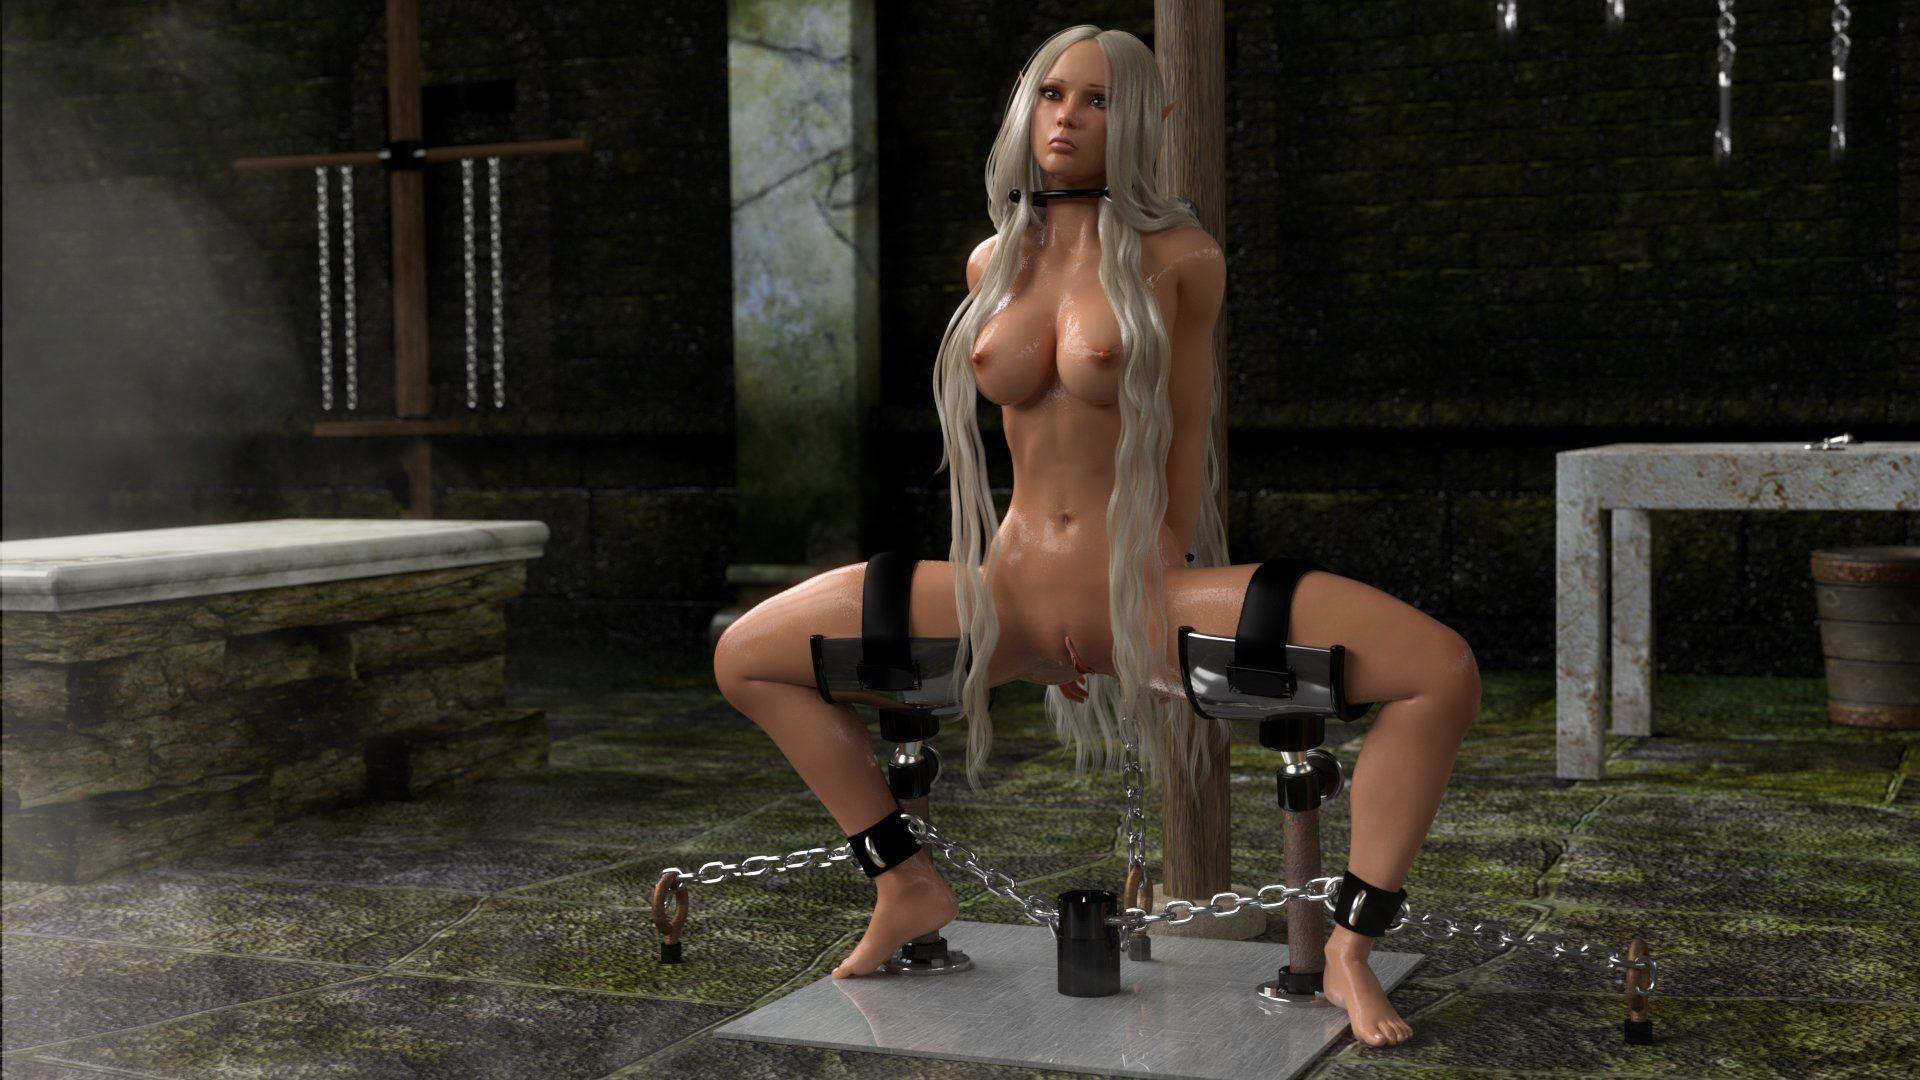 3D Anime Porn Tube free centaurian 3d porn movie . xxx sex photos. comments: 1